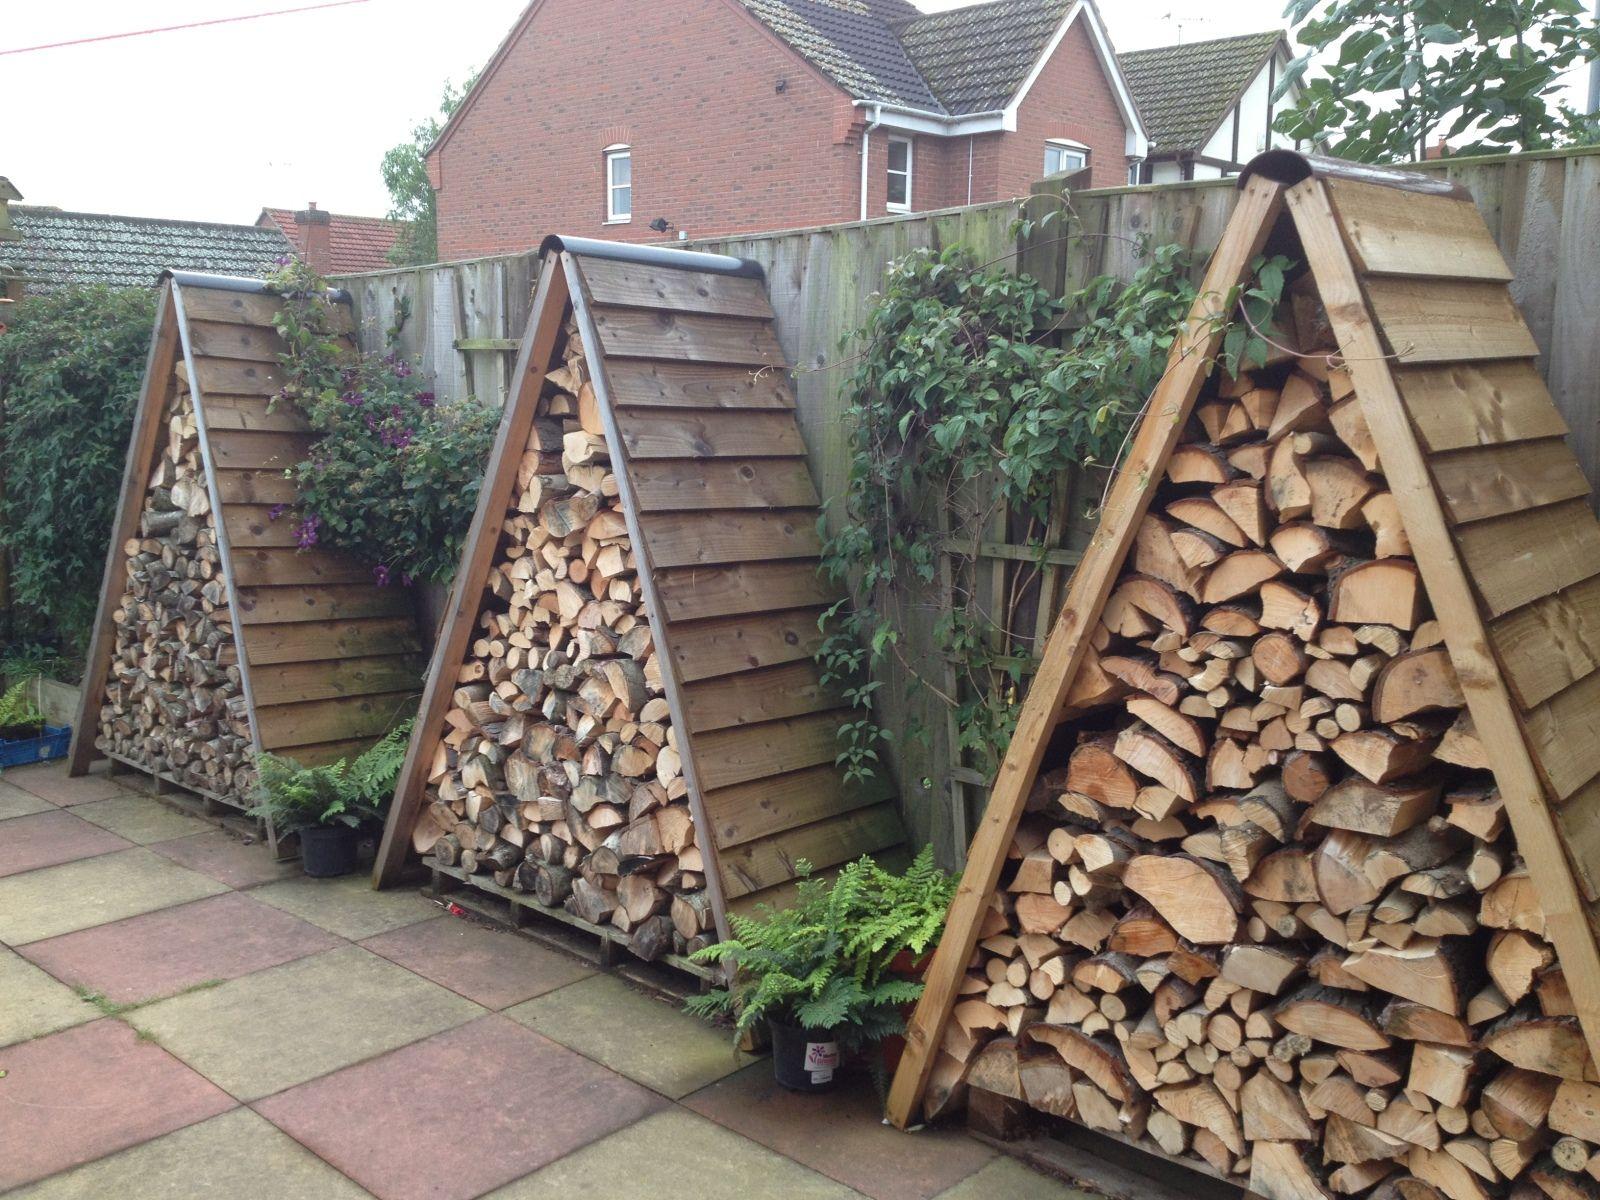 Holzaufbewahrung Außen tolle idee zur holzaufbewahrung garten